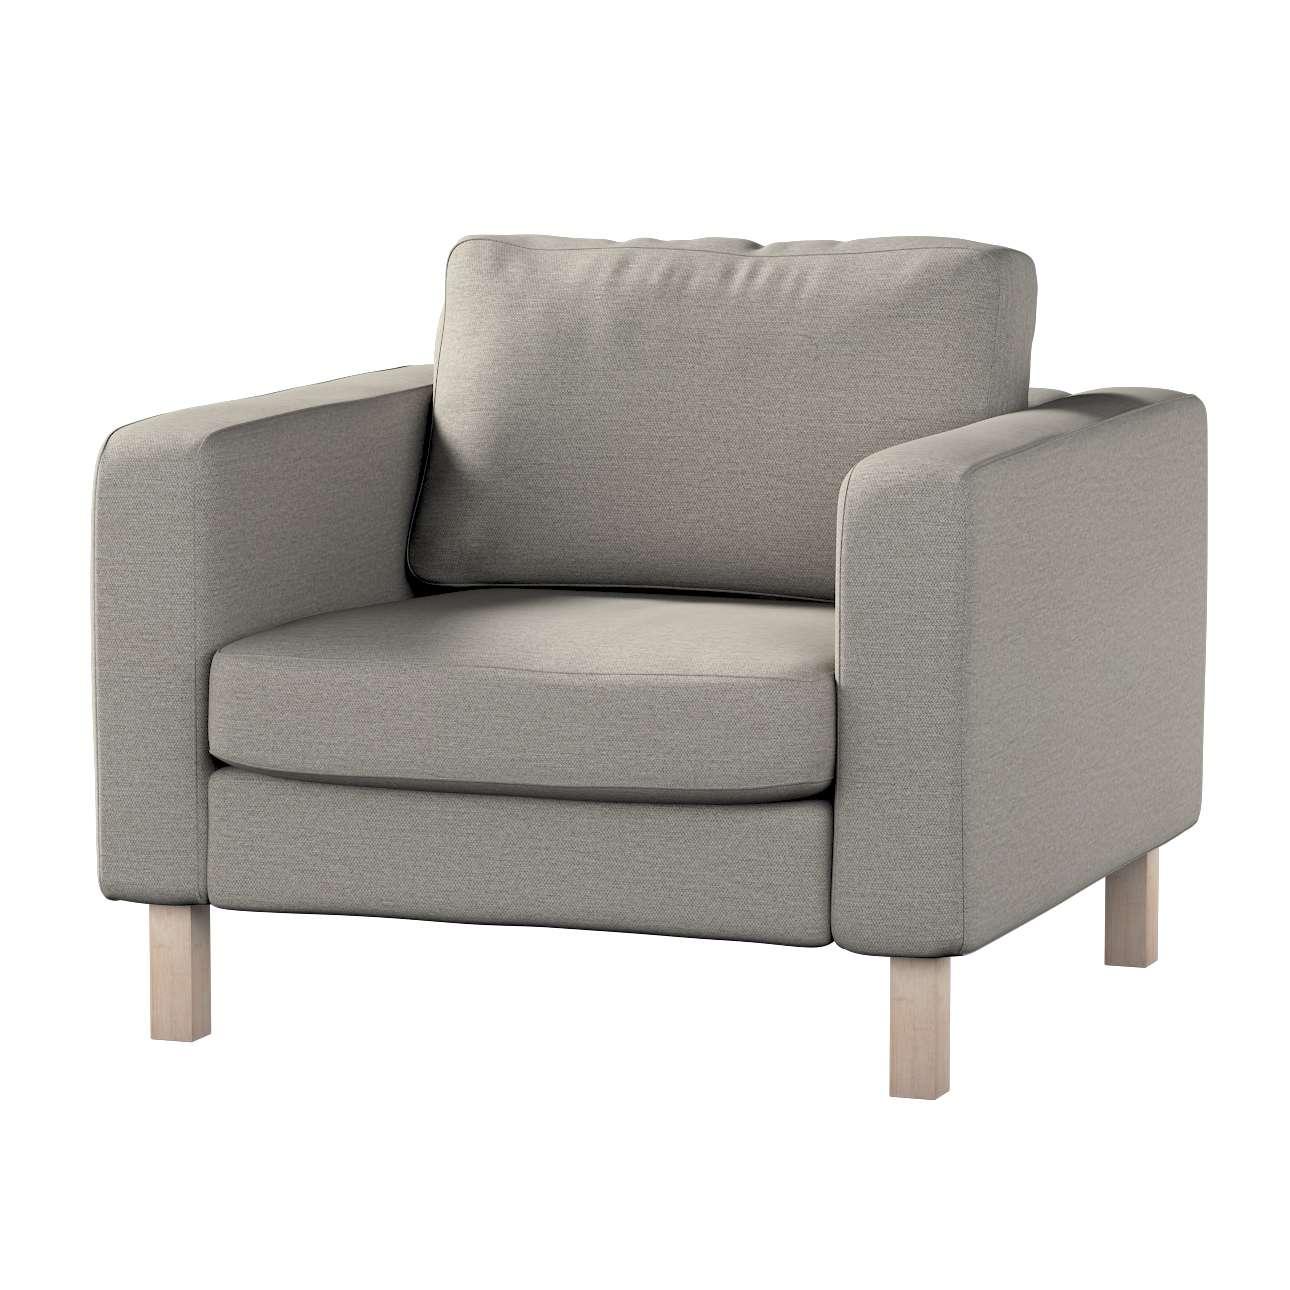 Pokrowiec na fotel Karlstad, krótki w kolekcji Madrid, tkanina: 161-91